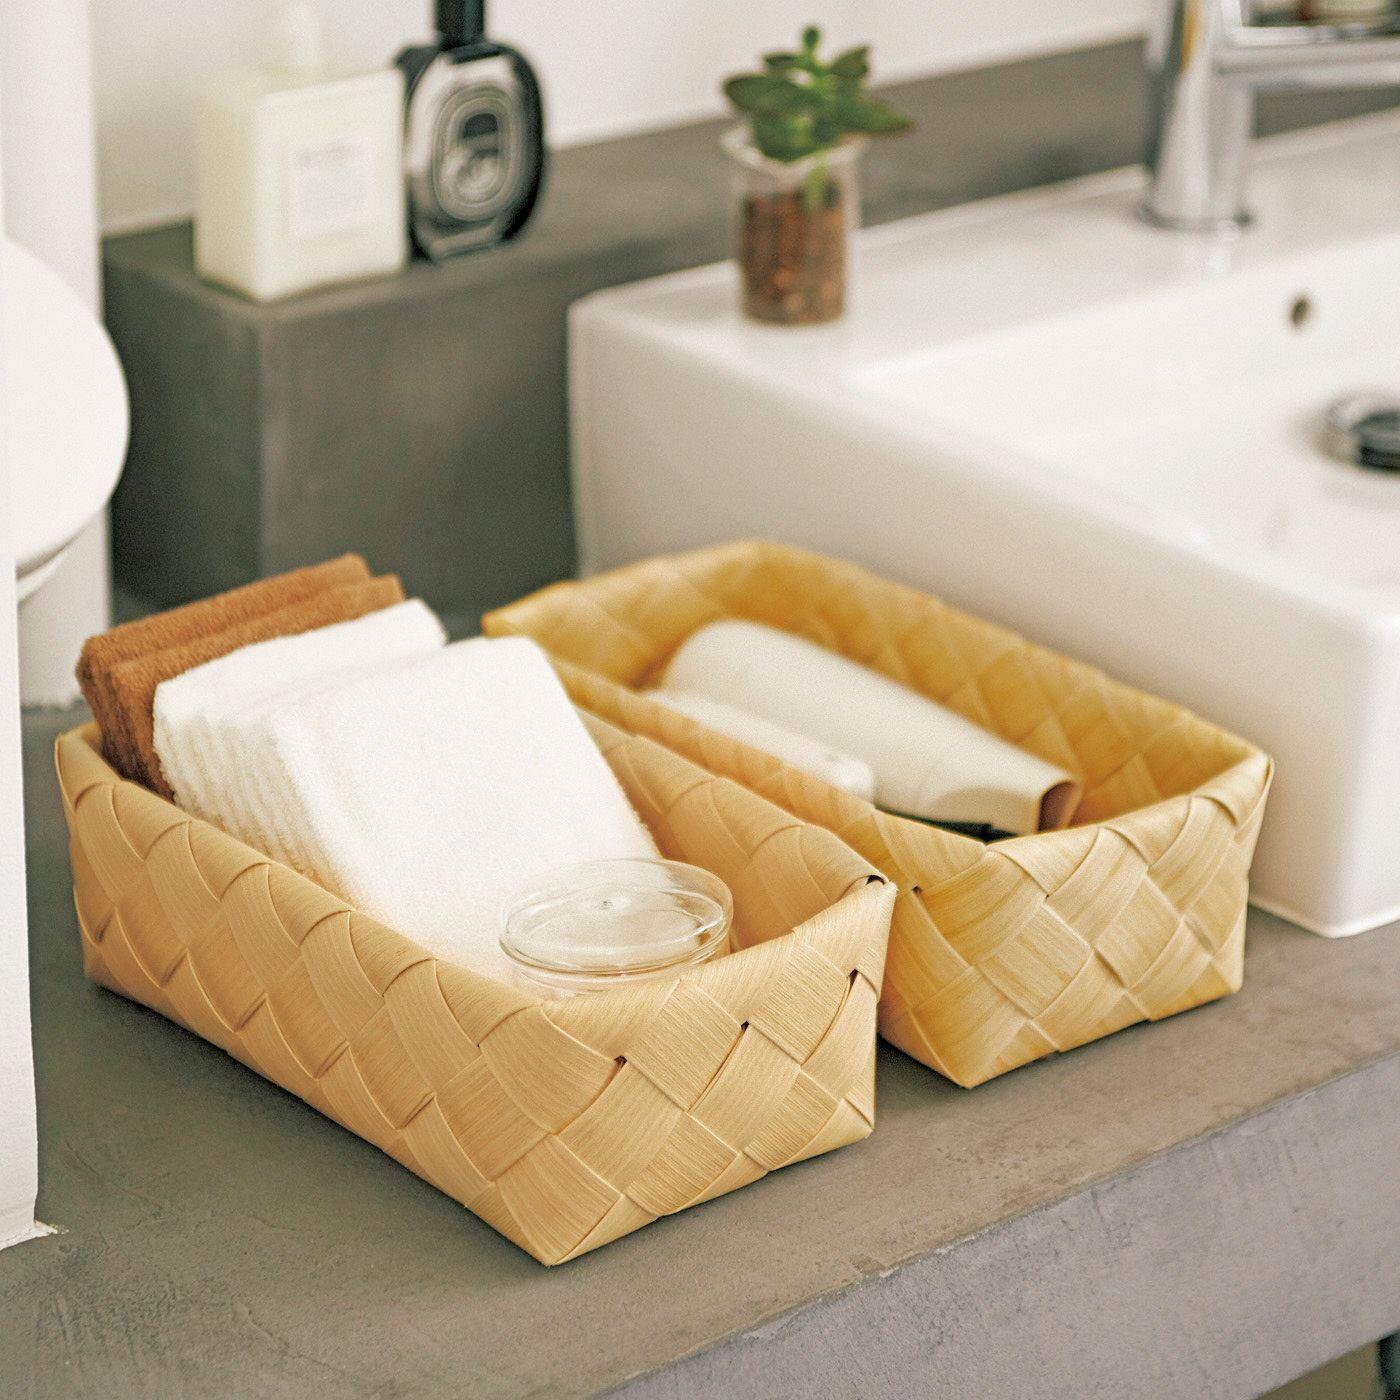 洗面所などの水まわりでも活躍。ささくれができないのでタオルも引っ掛かりません。